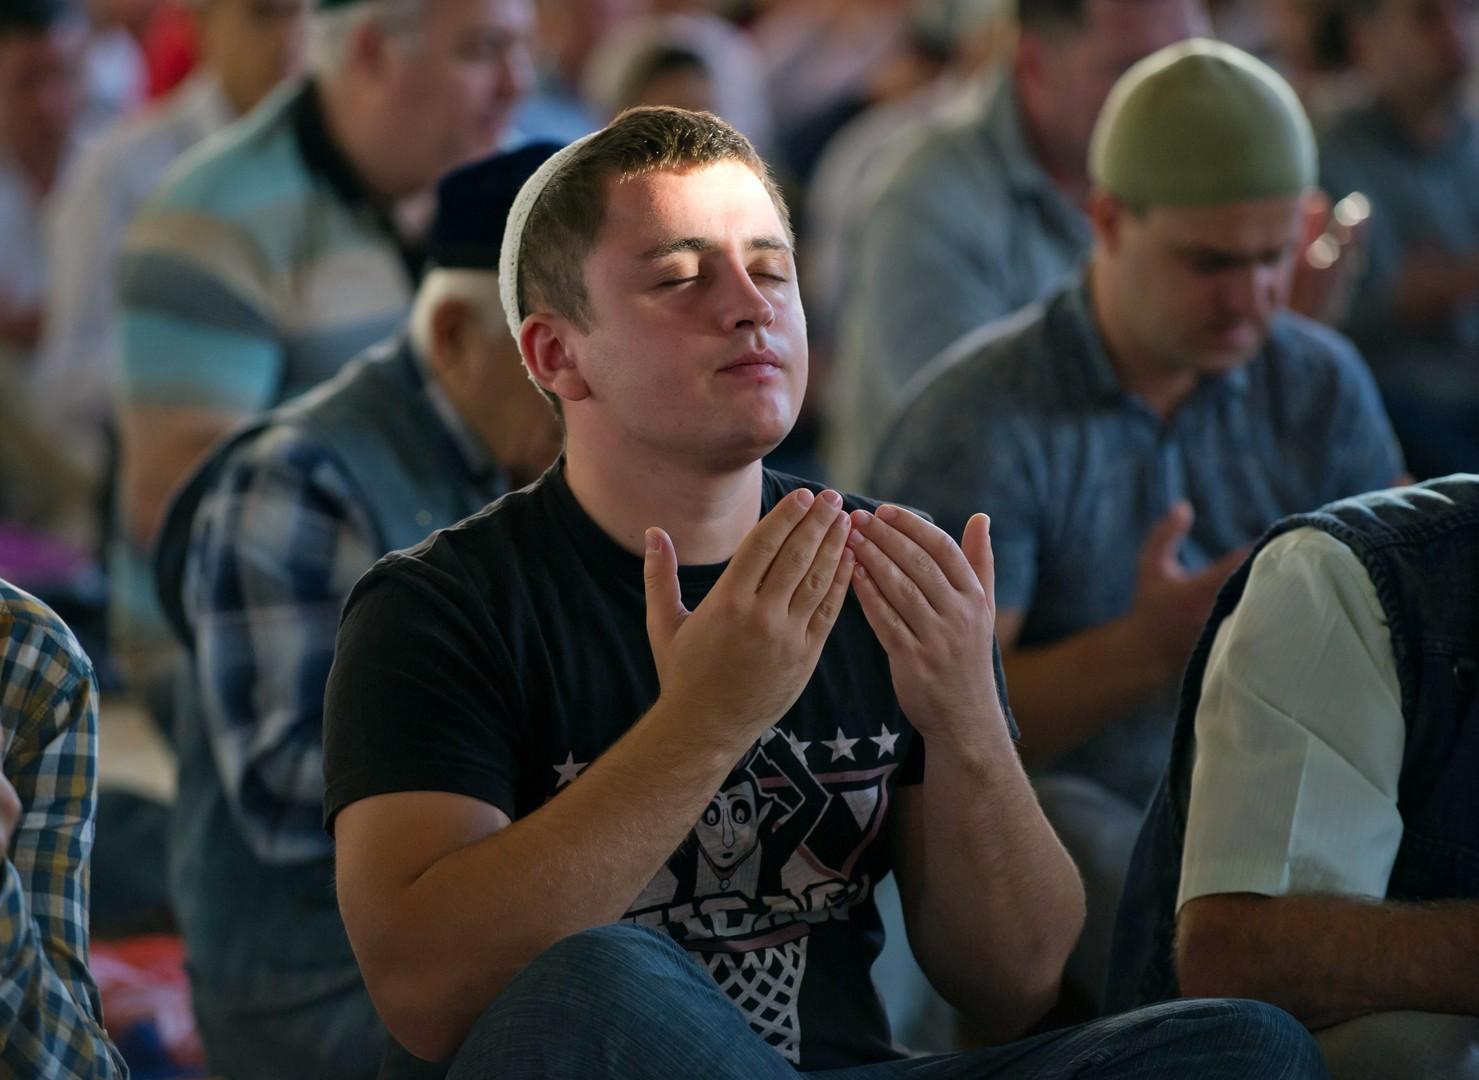 Gläubiger beim muslimischen Opferfest in Simferopol